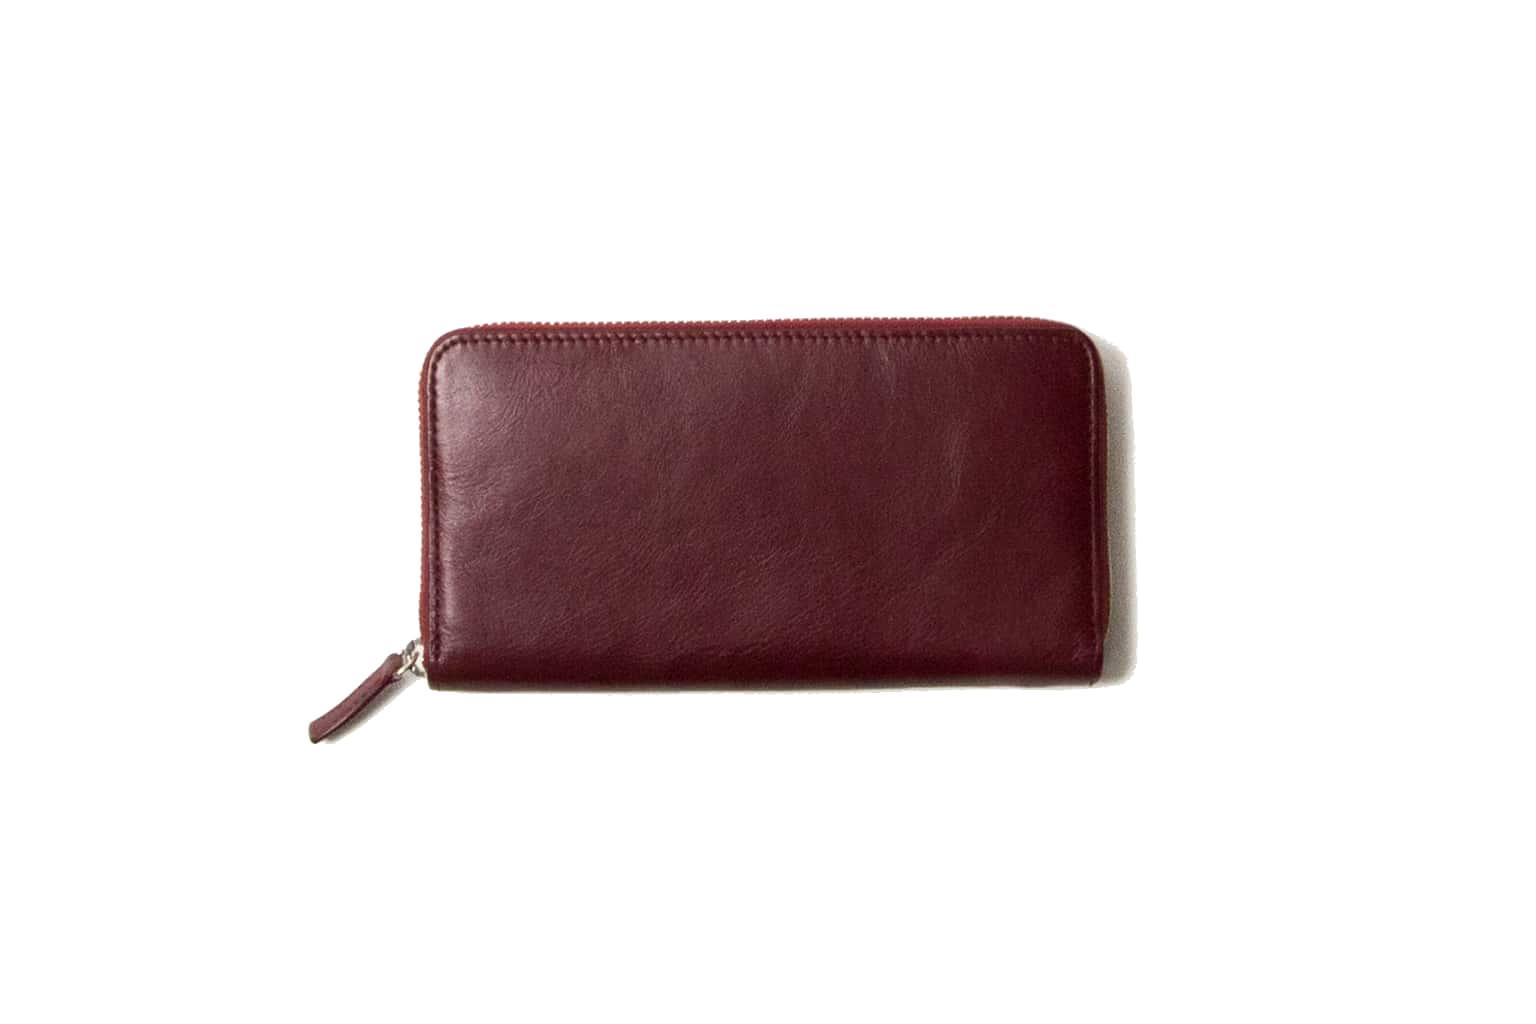 ダークレッド Business Leather Factory(ビジネスレザーファクトリー) 長財布(ラウンドファスナー)